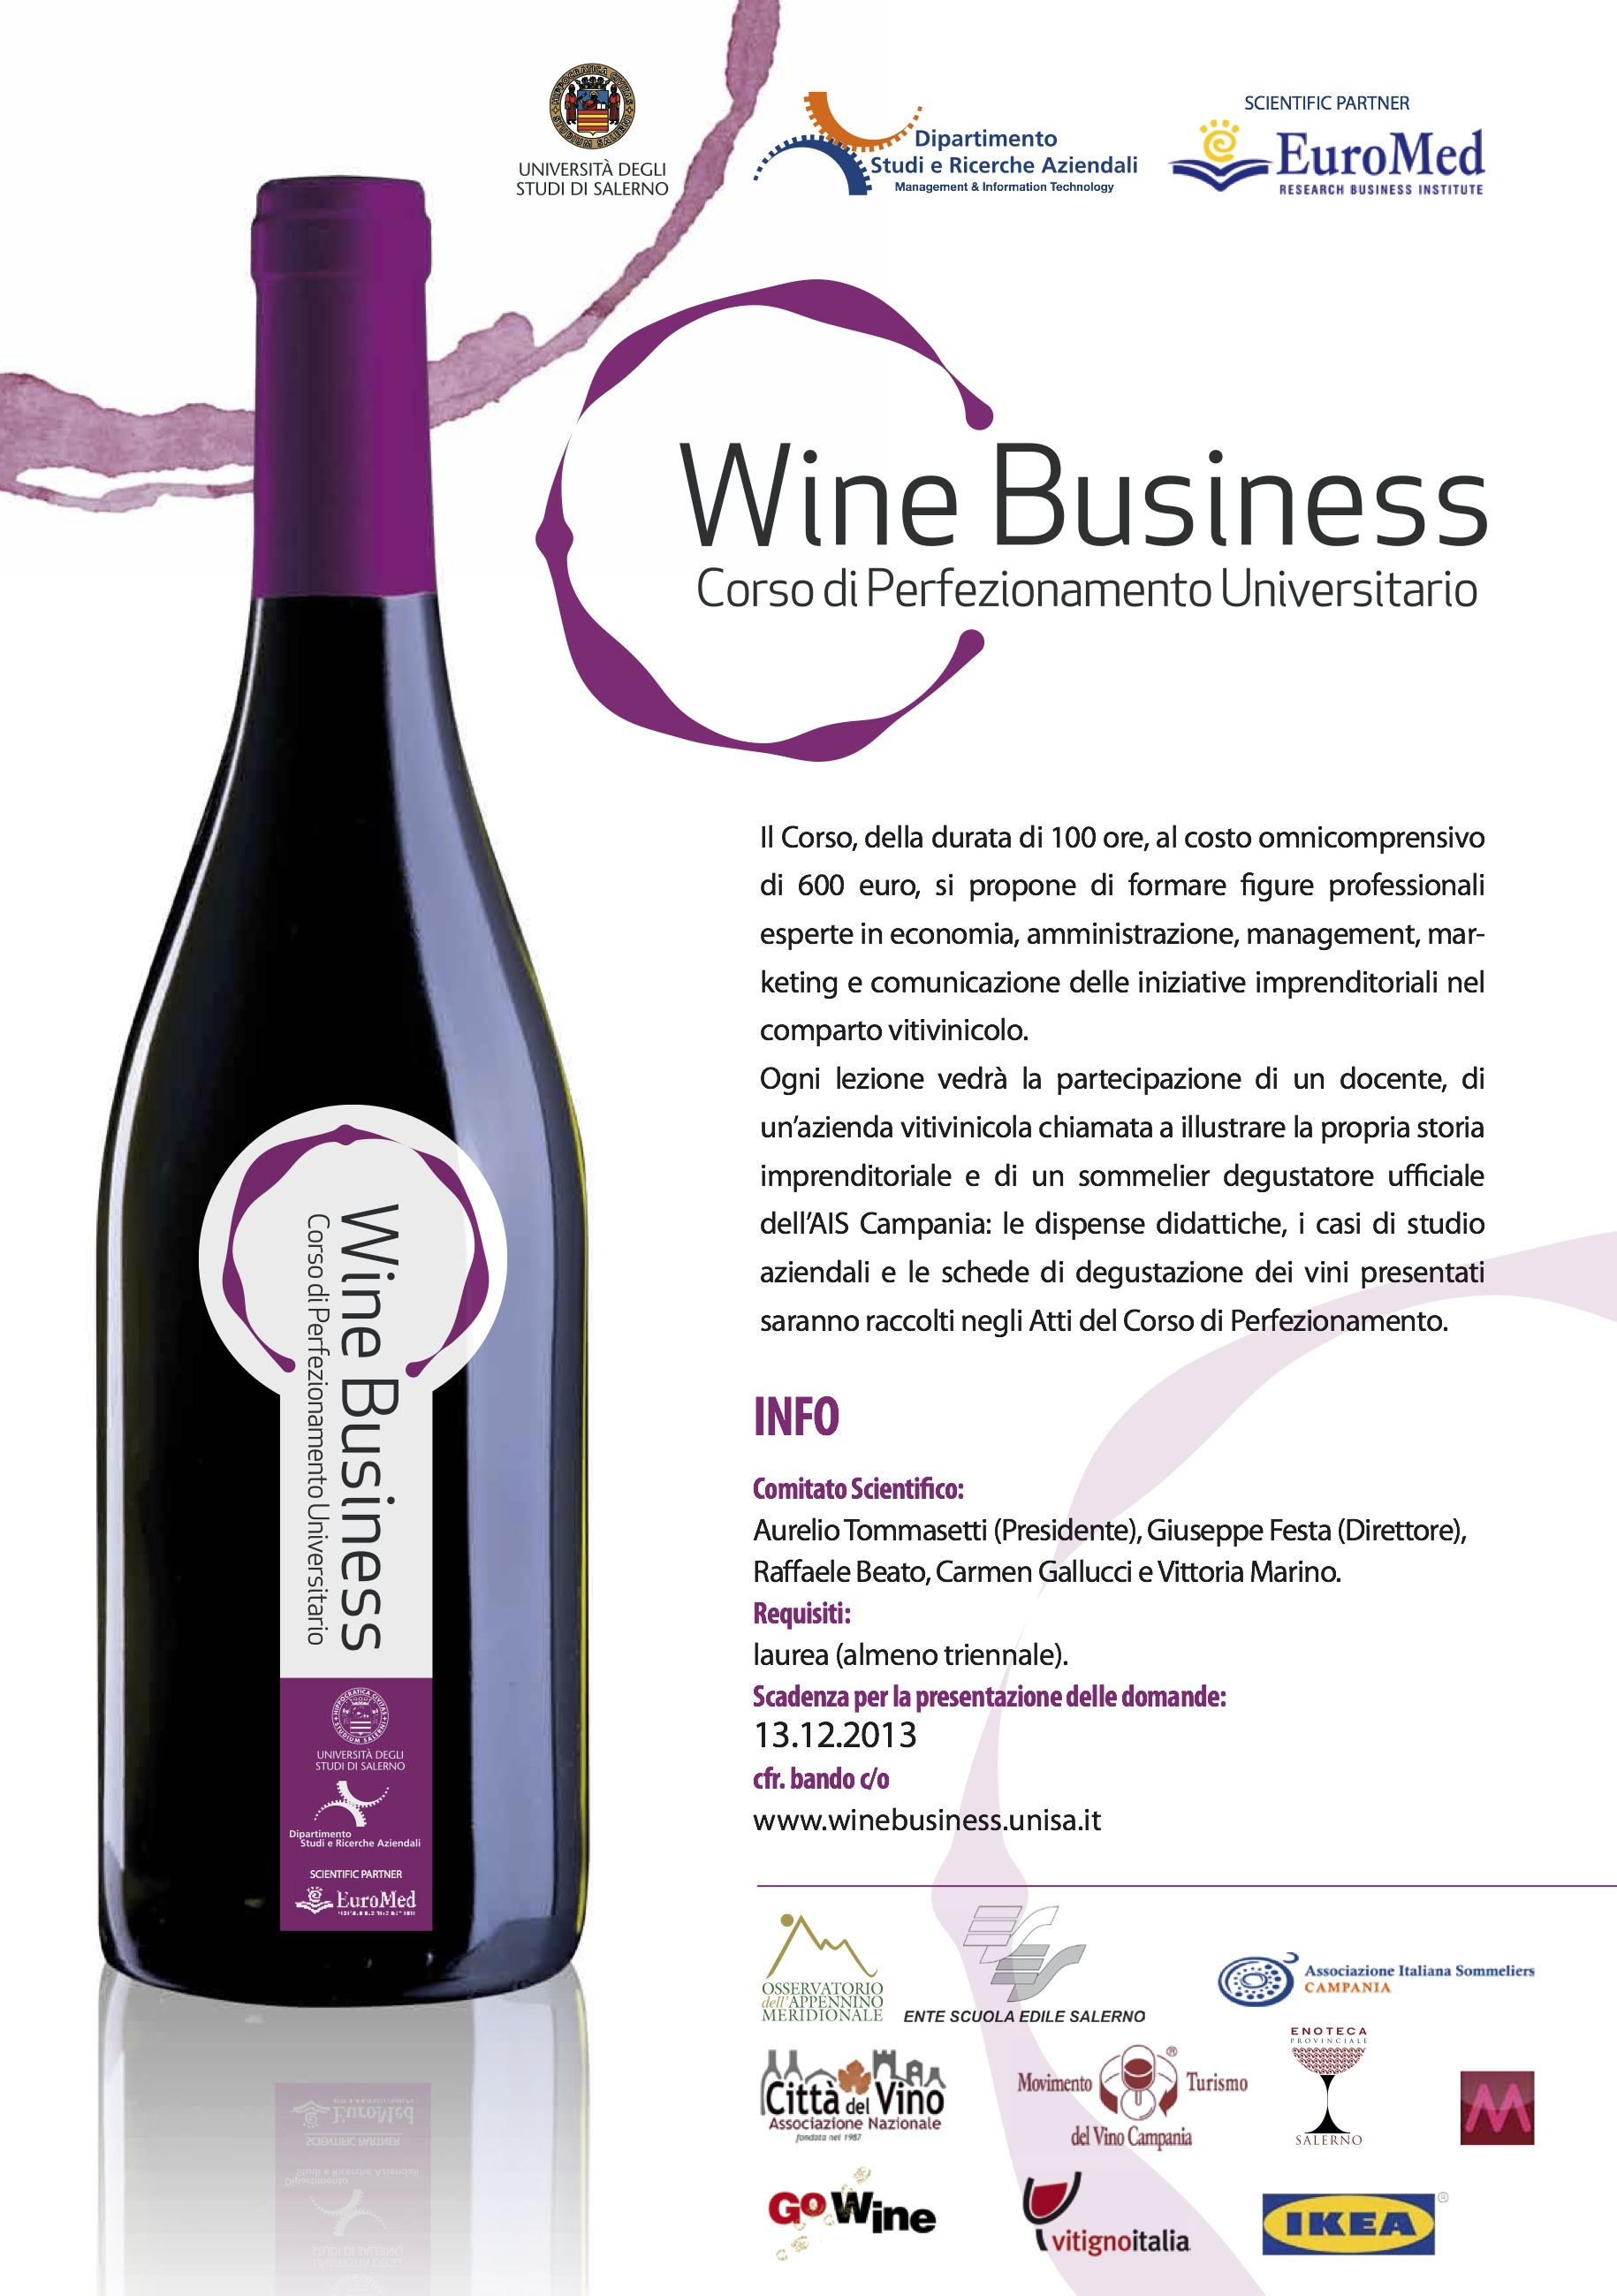 Corso di perfezionamento in Wine Business presso l'università di Salerno